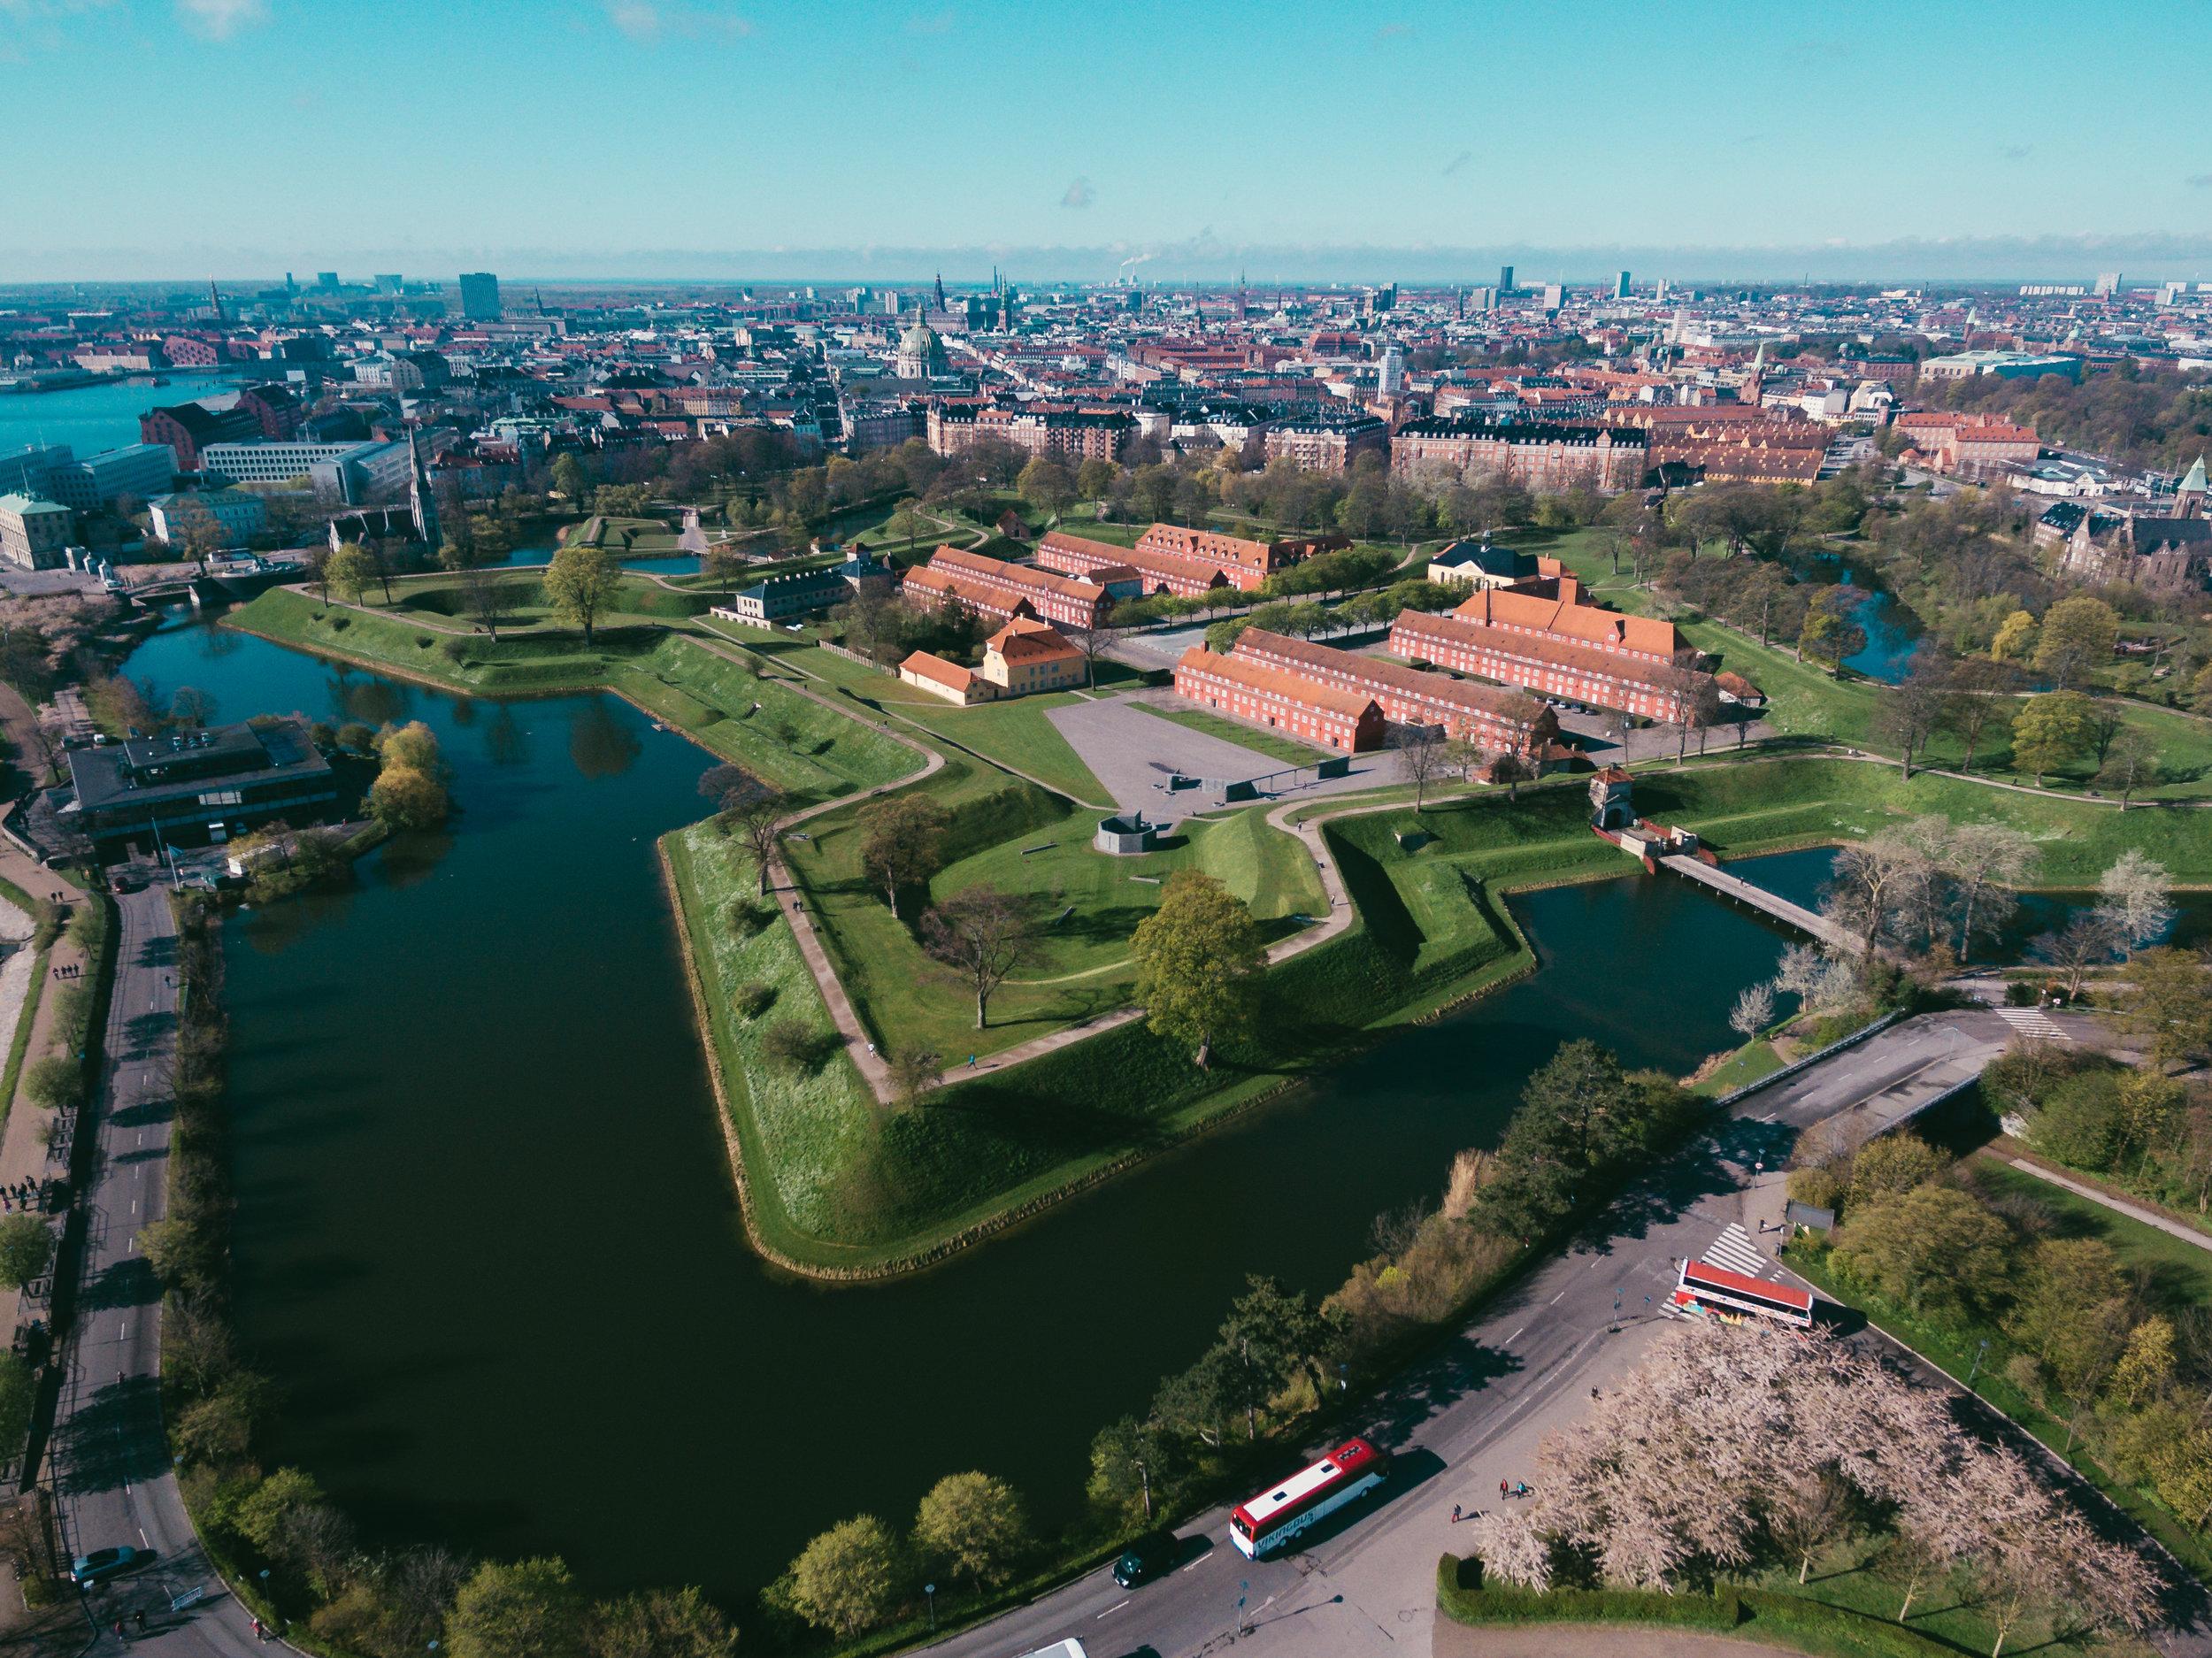 The Citadel of Copenhagen